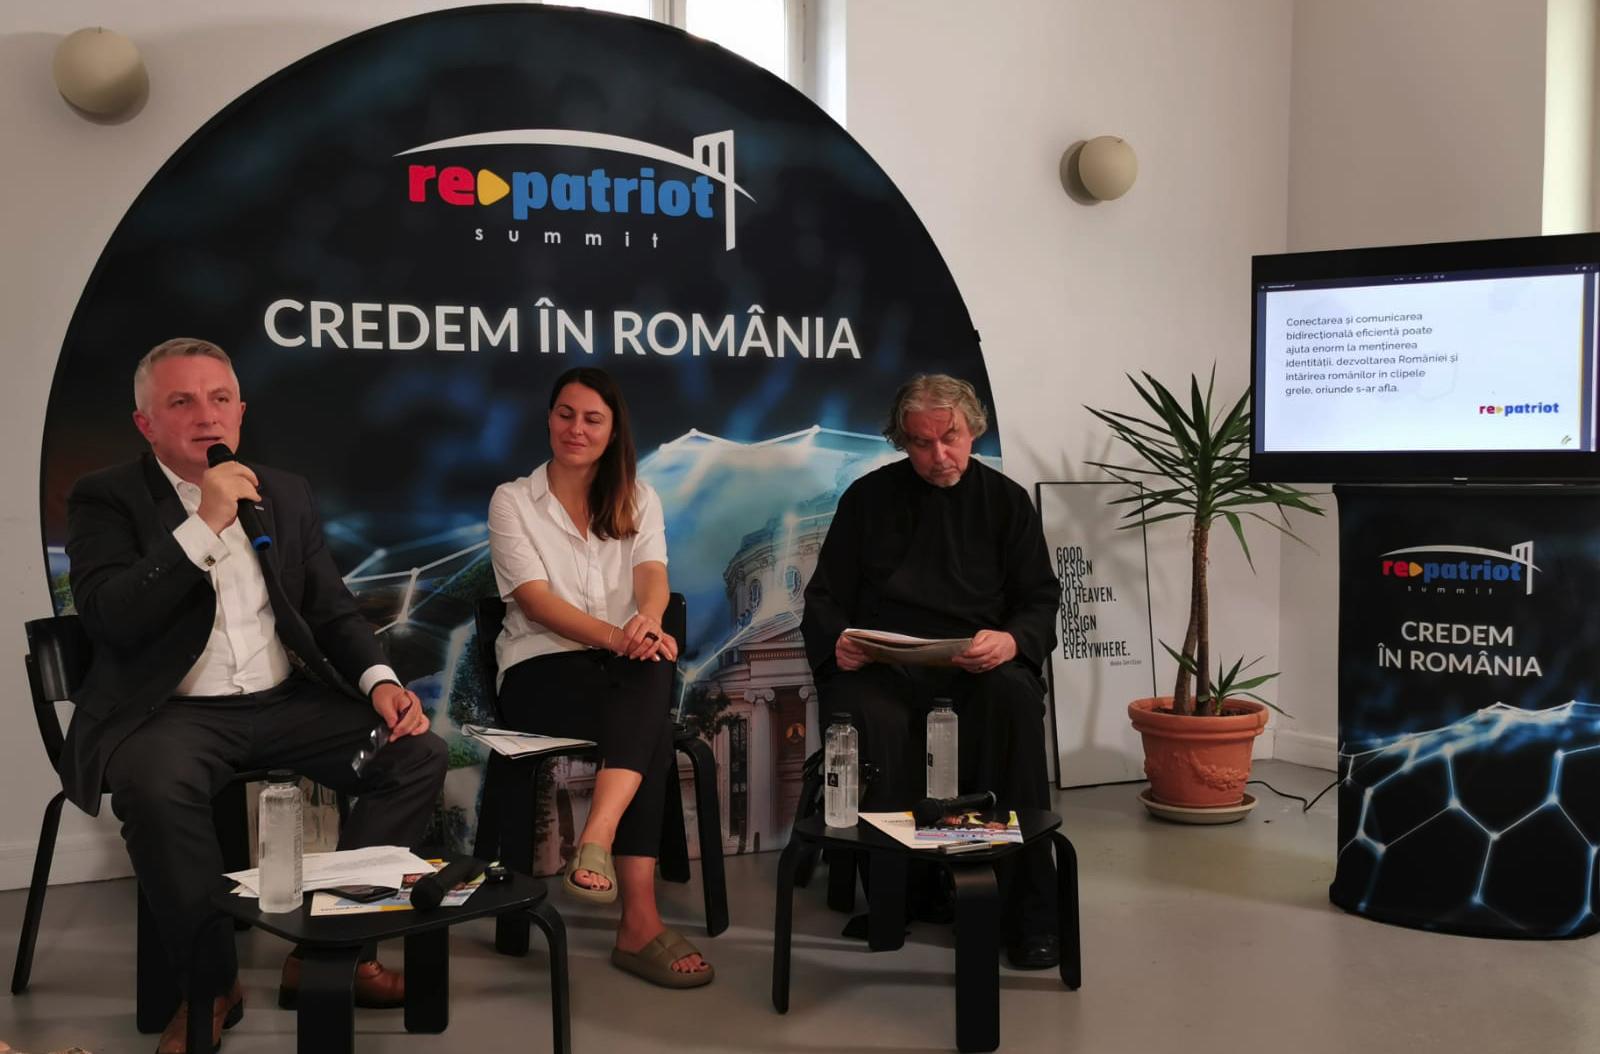 Cât de bine funcționează comunicarea cu românii de pretutindeni – sondaj RePatriot